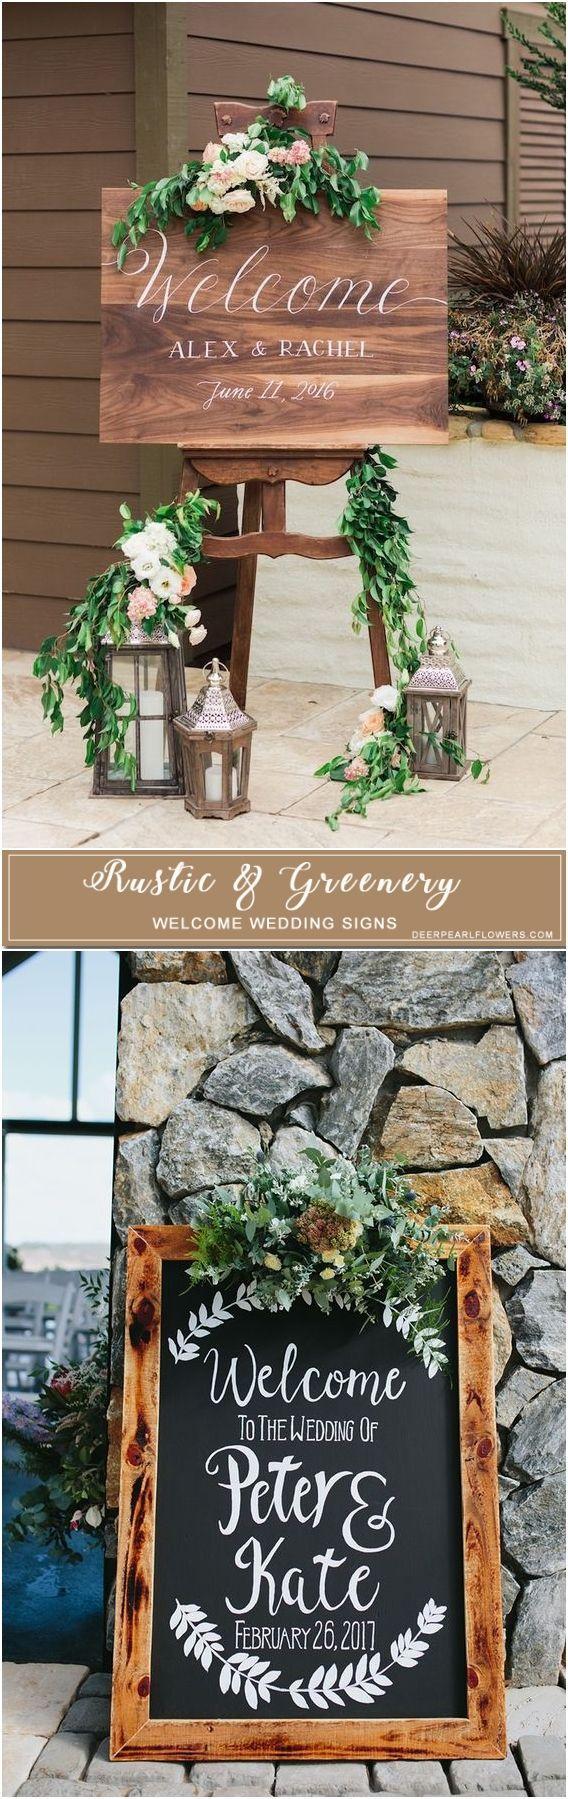 Rustic wooden welcome wedding signs #rustic #wedding #weddingsign #green #greenwedding #weddingdecor http://www.deerpearlflowers.com/rustic-greenery-welcome-wedding-signs/